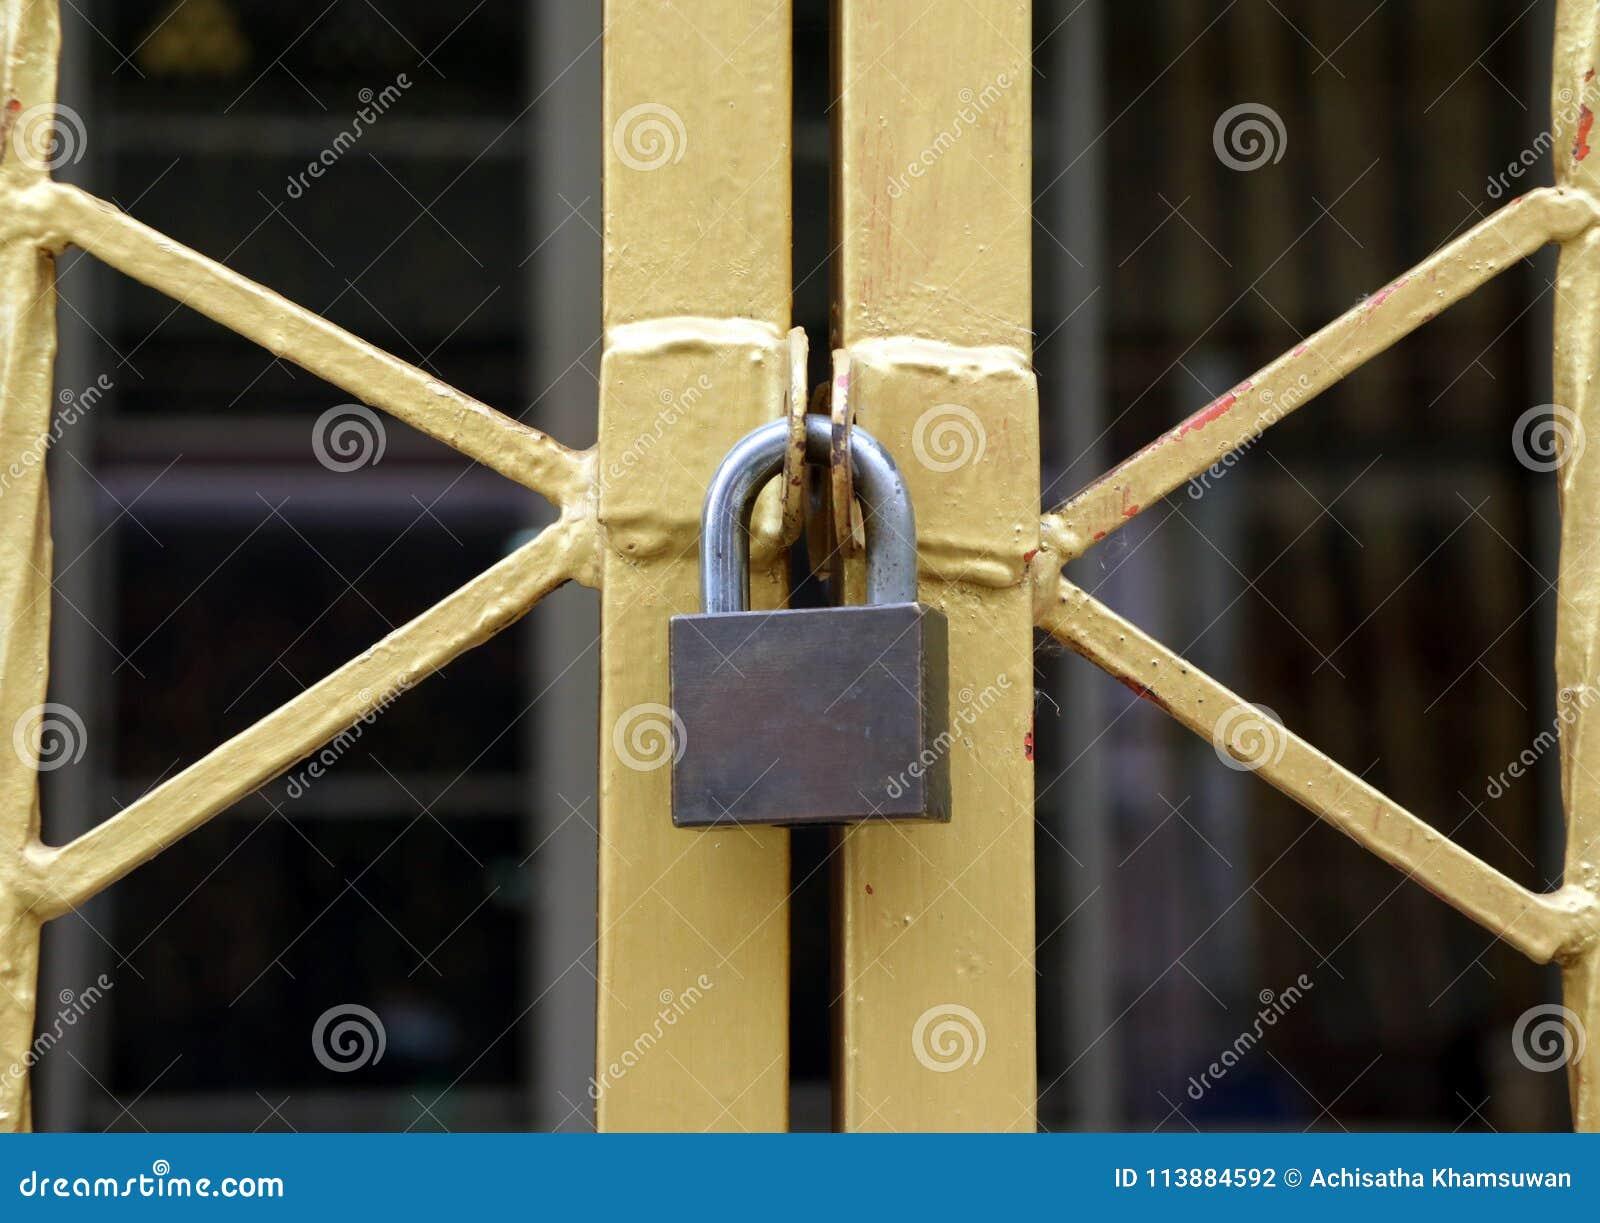 Замок на загородке металла золота, форма загородки выглядеть как x